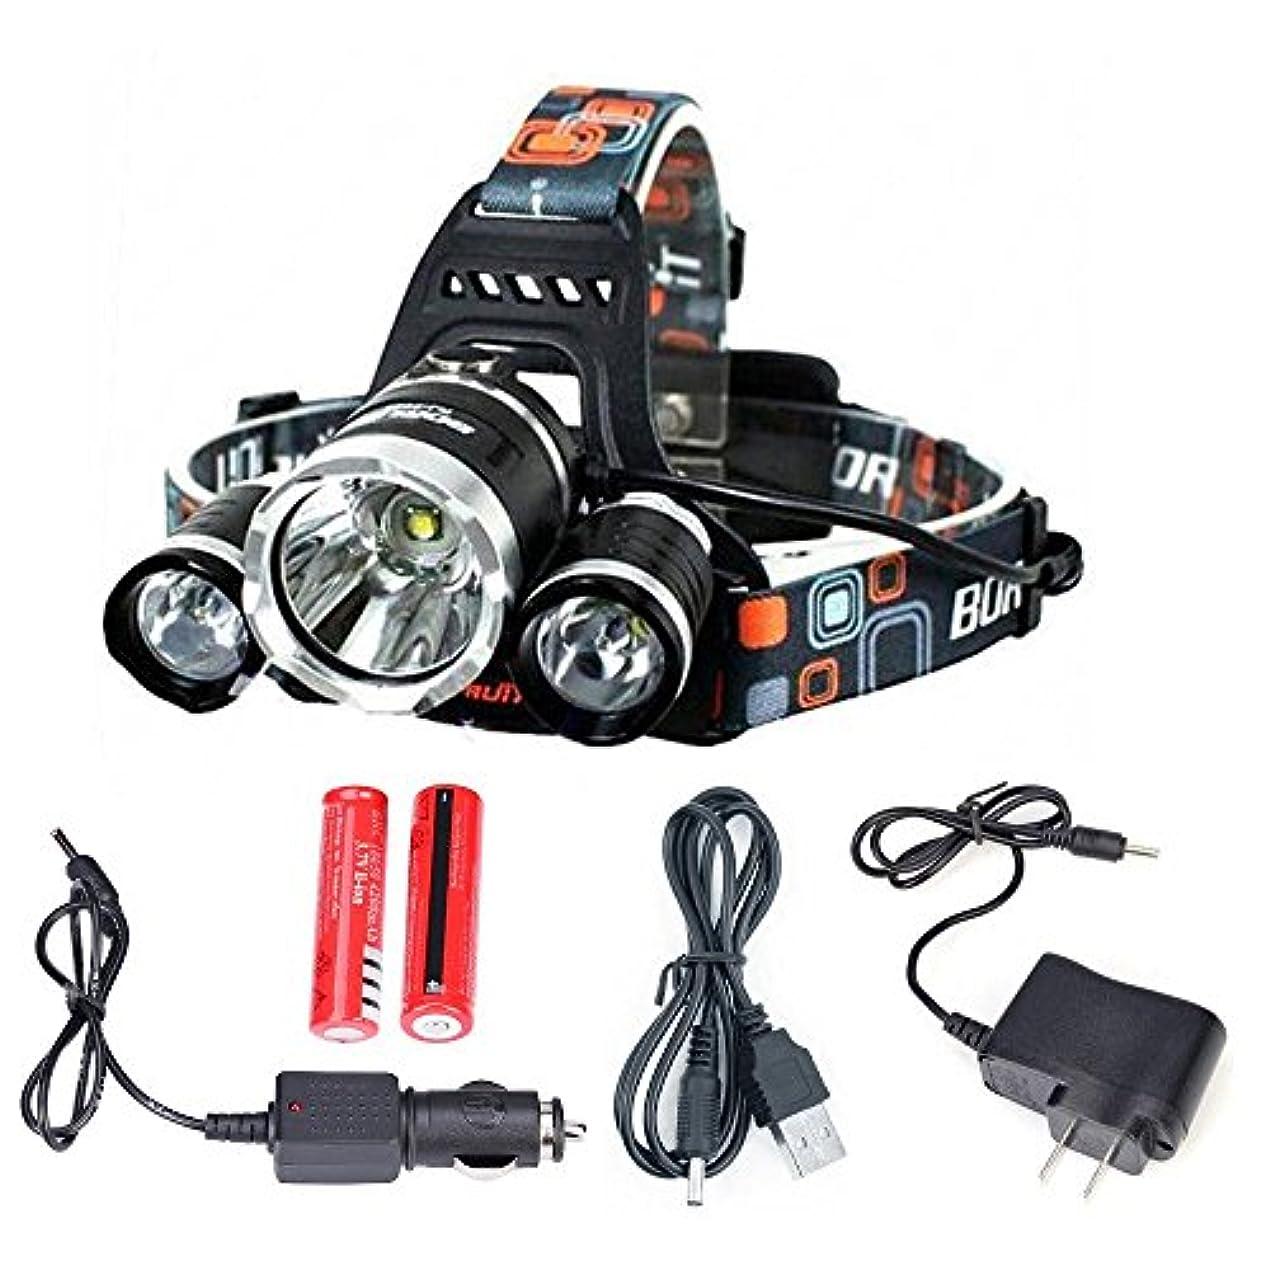 レタッチ下るラダDAN 6000ルーメン LEDヘッドライト CREE XM-L 3*T6 4点灯モード 超強力 防水 軽量 防災 登山 夜釣り ハイキング キャンプ